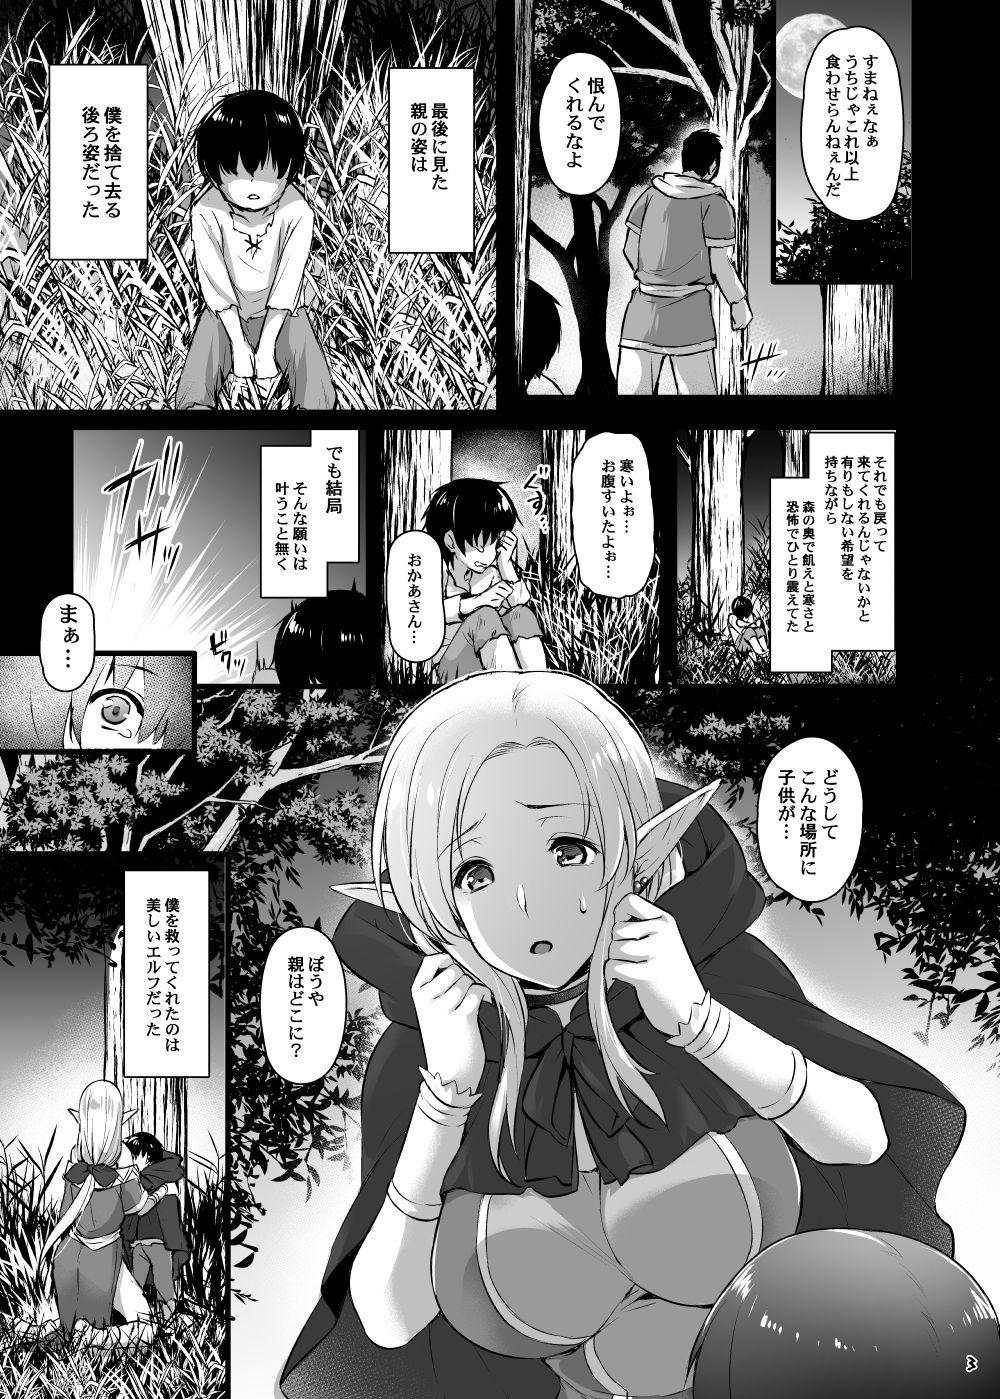 Elf no Okaa-san 1